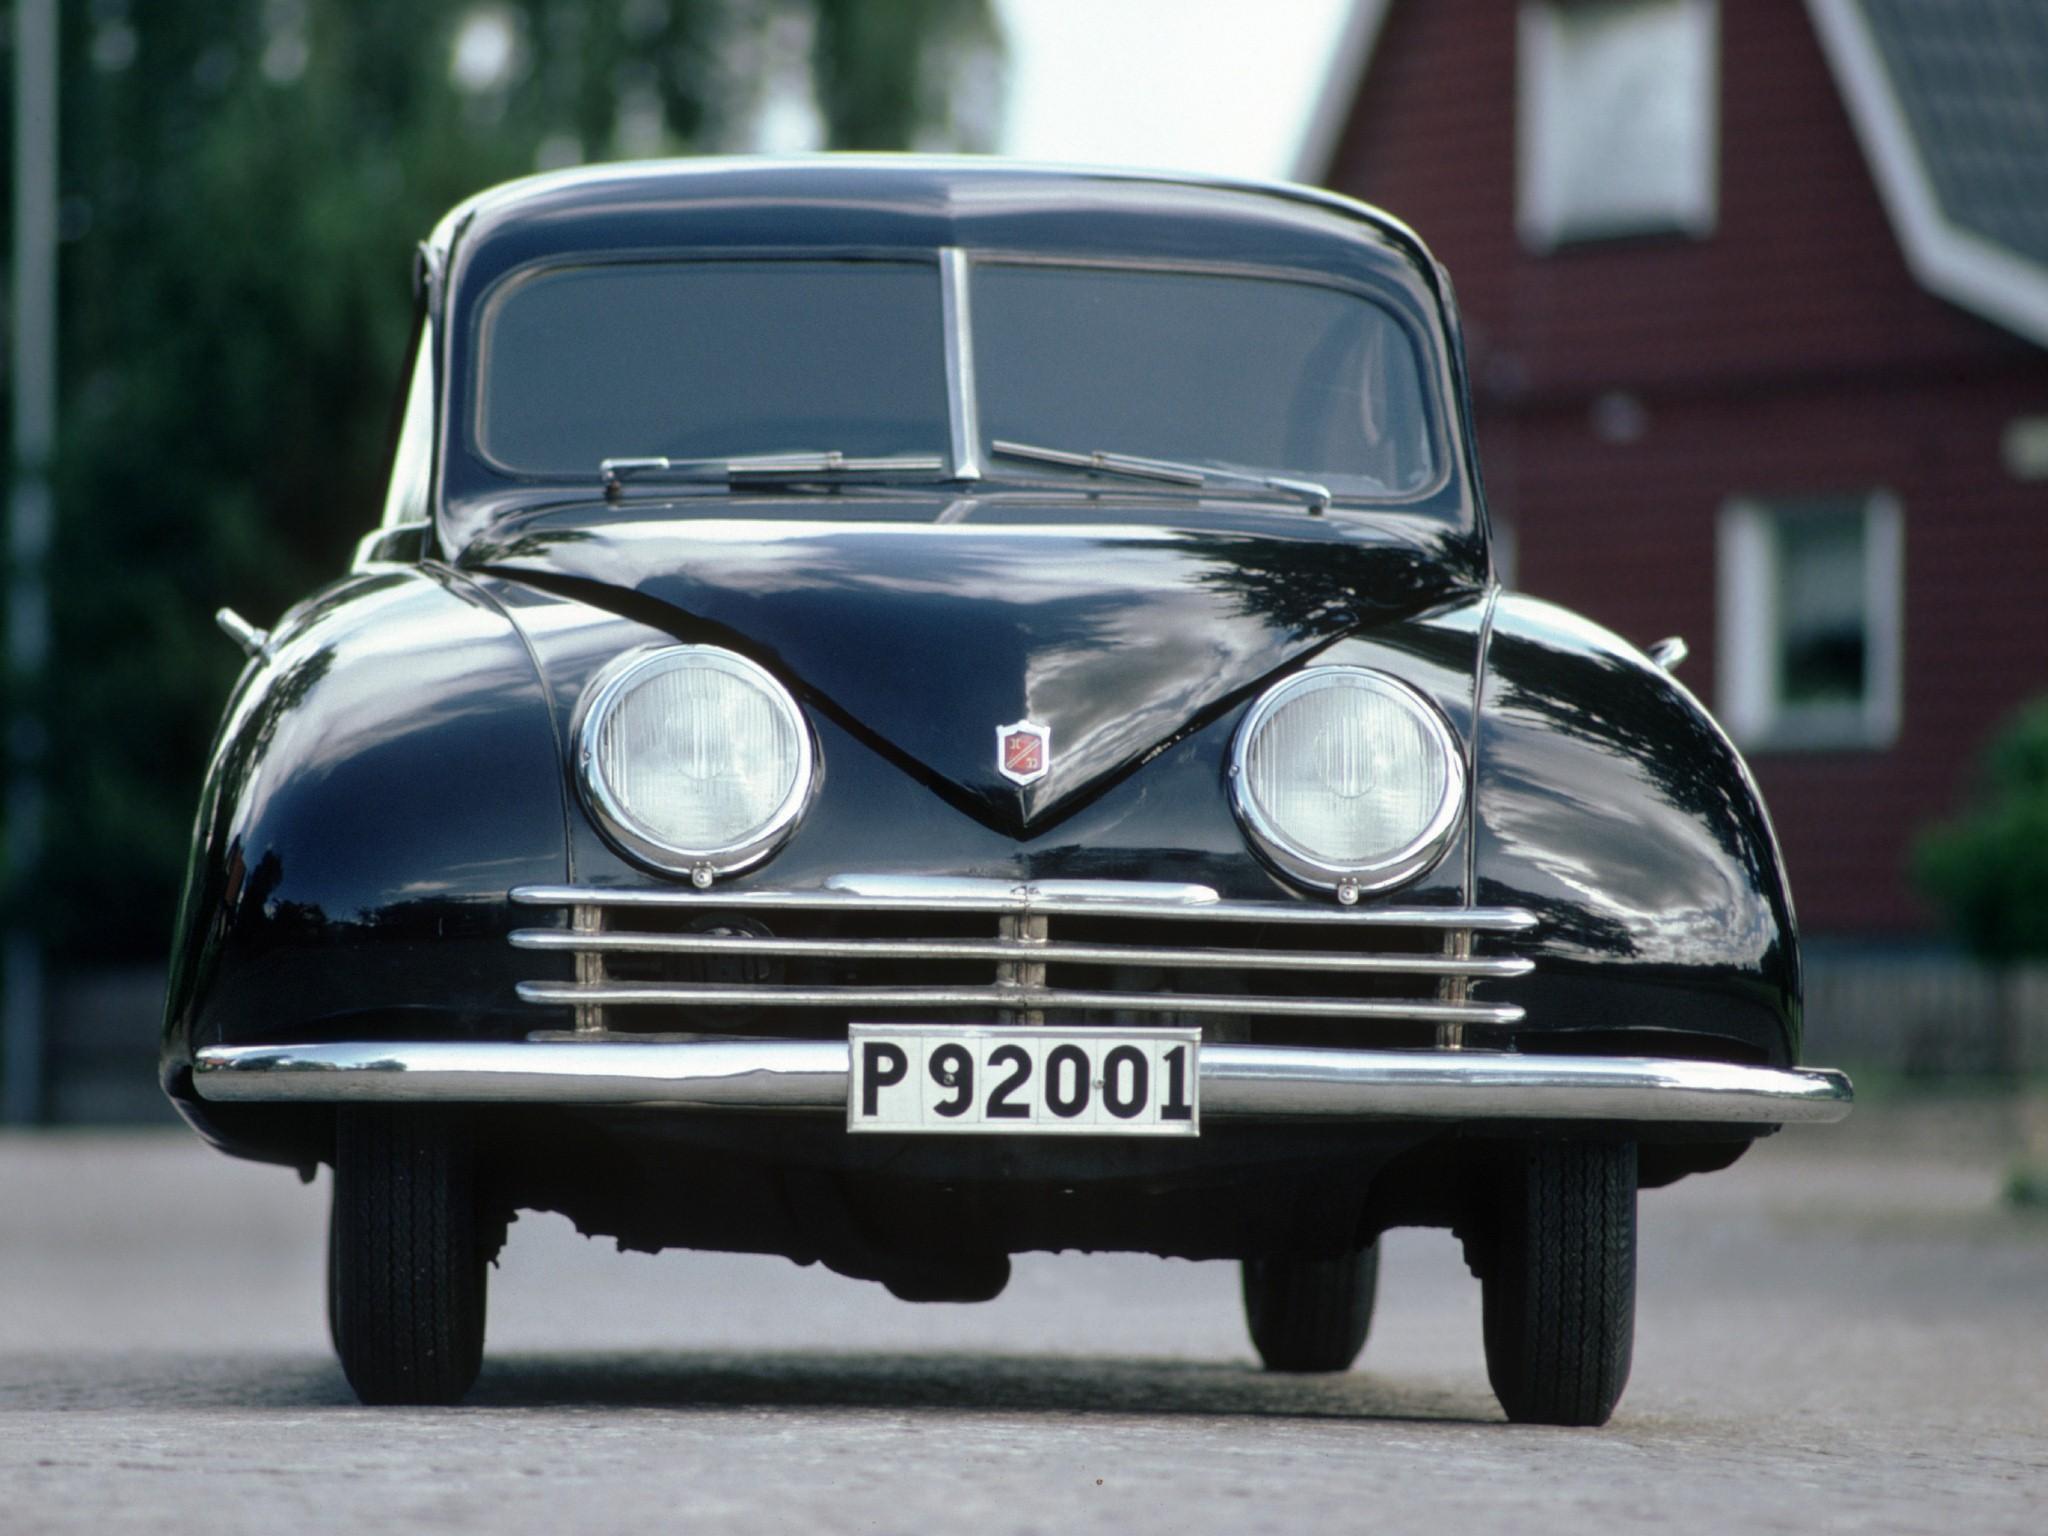 1947 Saab 92001 Ursaab